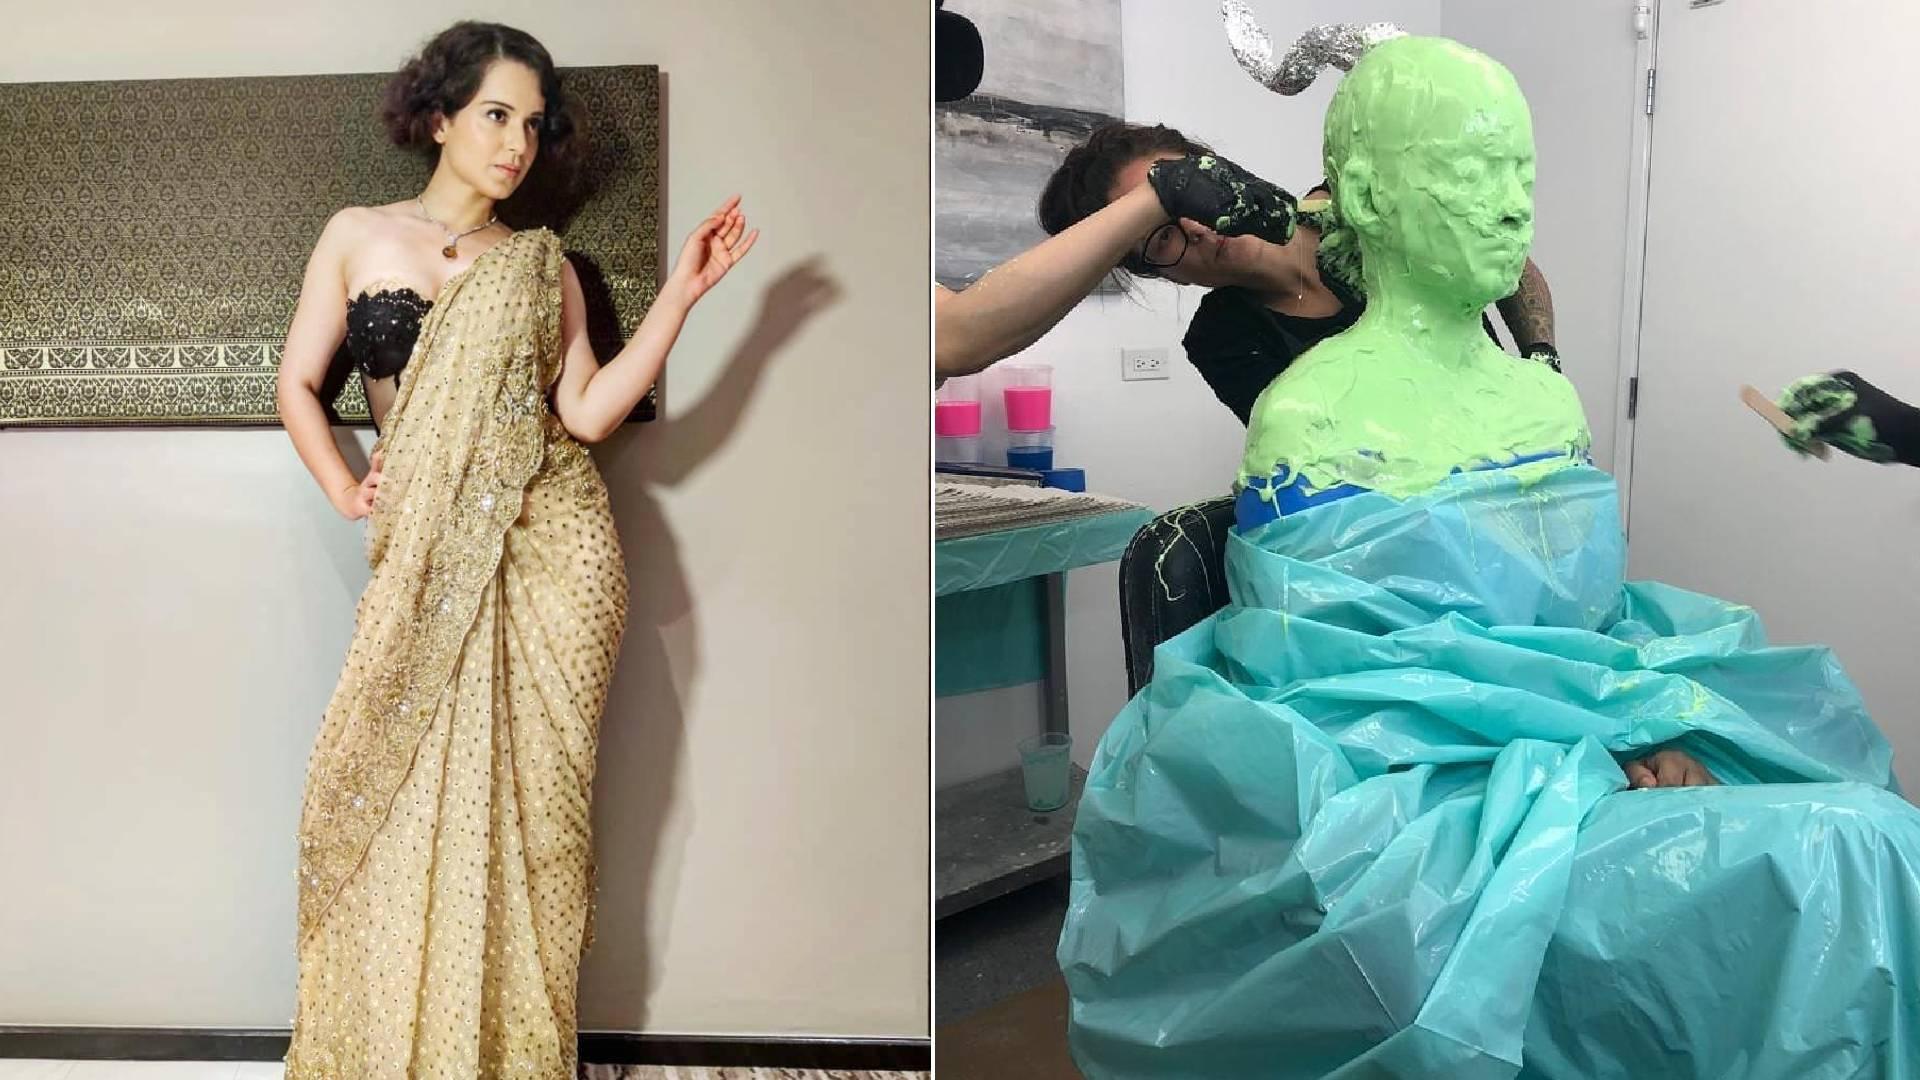 PHOTOS: जयललिता जैसा लुक पाने के लिए कंगना रनौत कर रही हैं जमकर तैयारी, तस्वीरों में देखिए थलाइवी का अंदाज